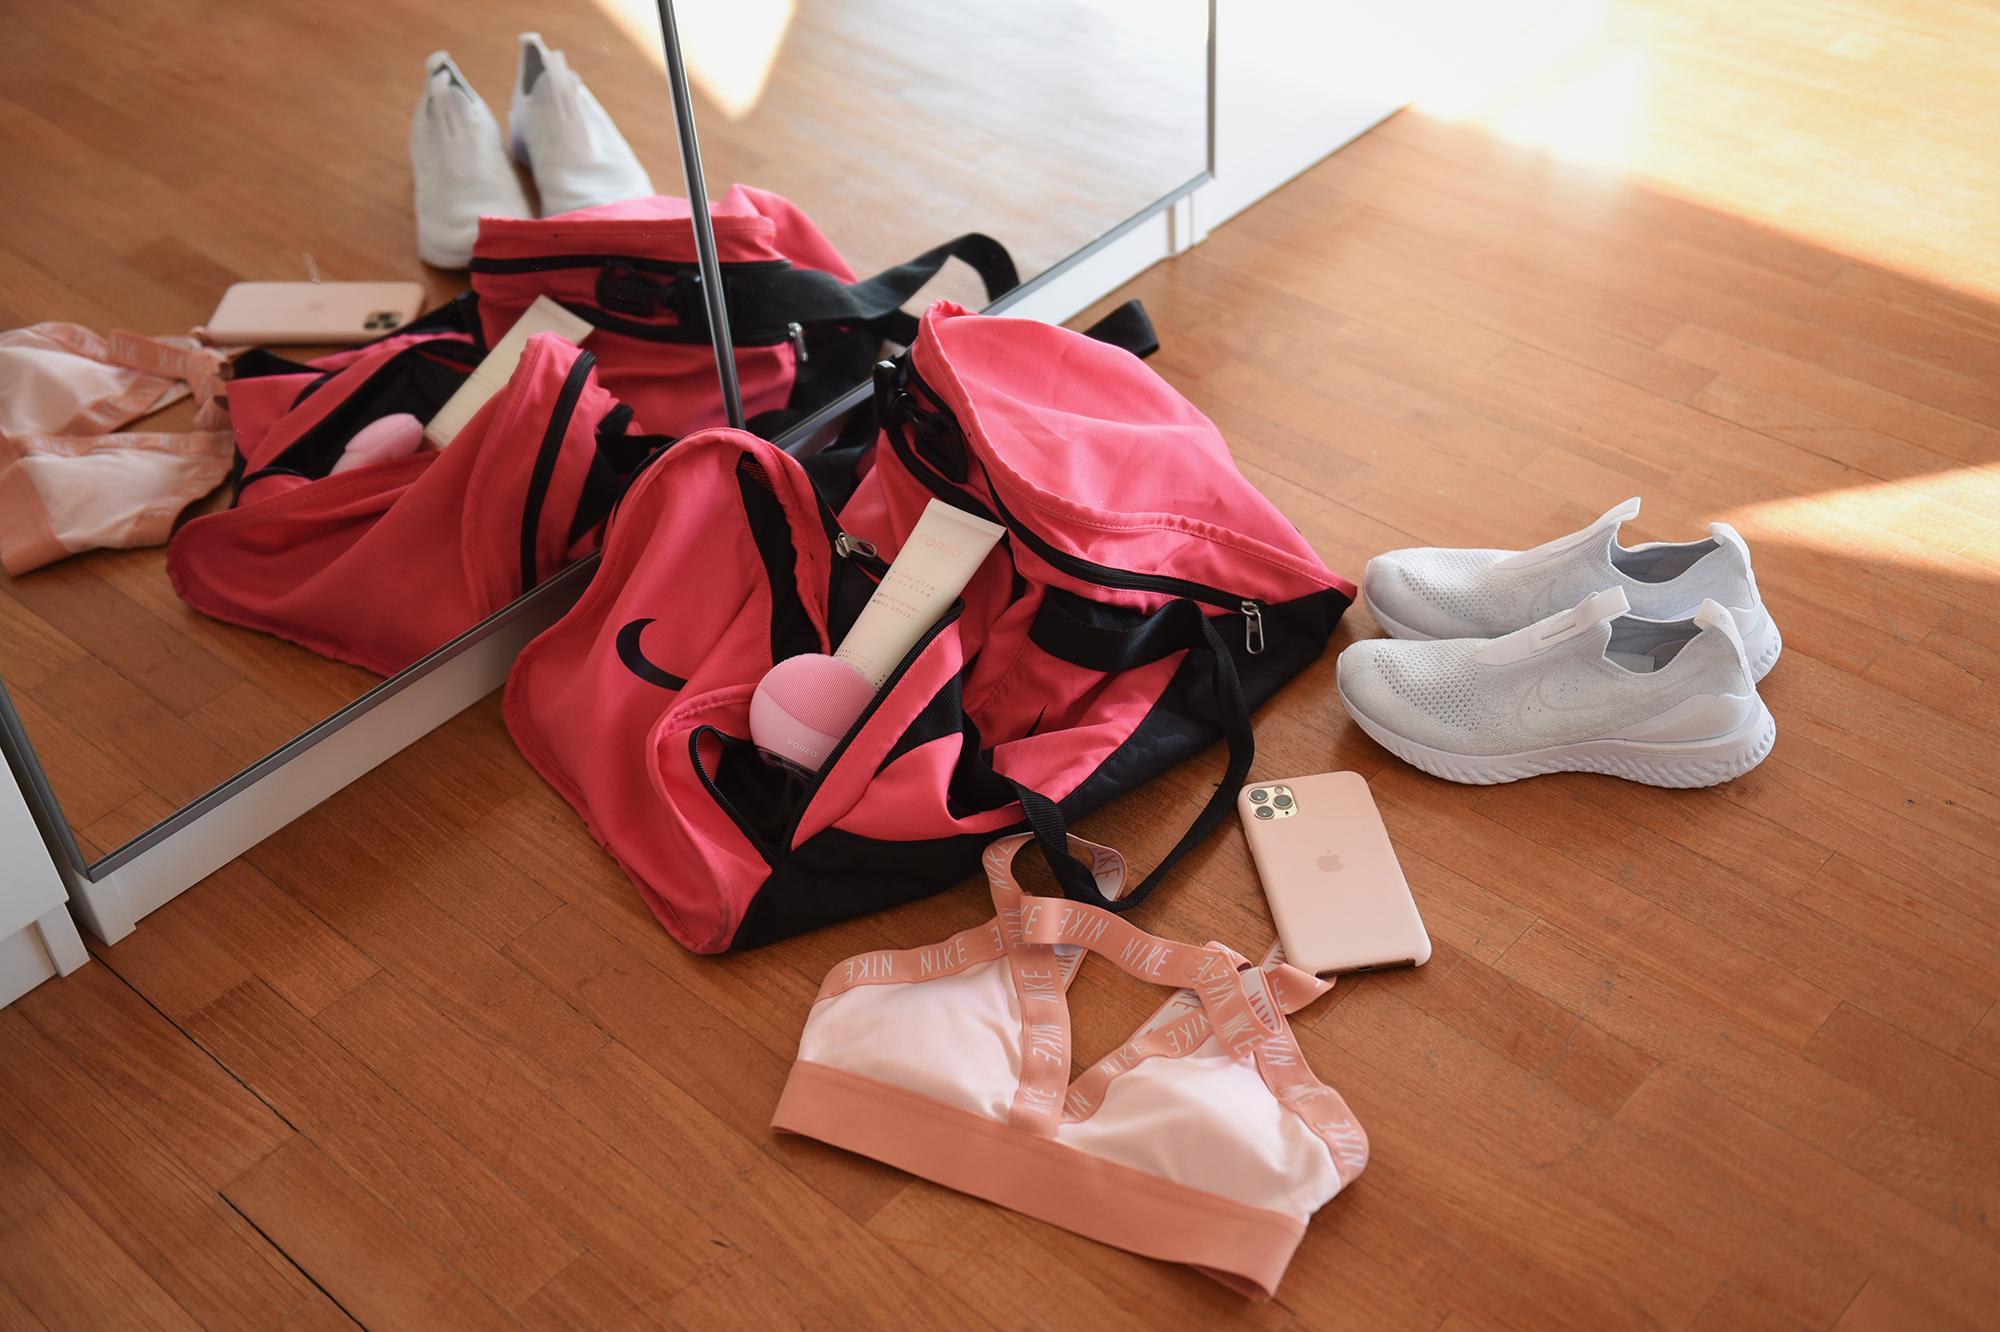 Cura della pelle post allenamento con FOREO LUNA mini 3 Pearl Pink, borsa da palestra